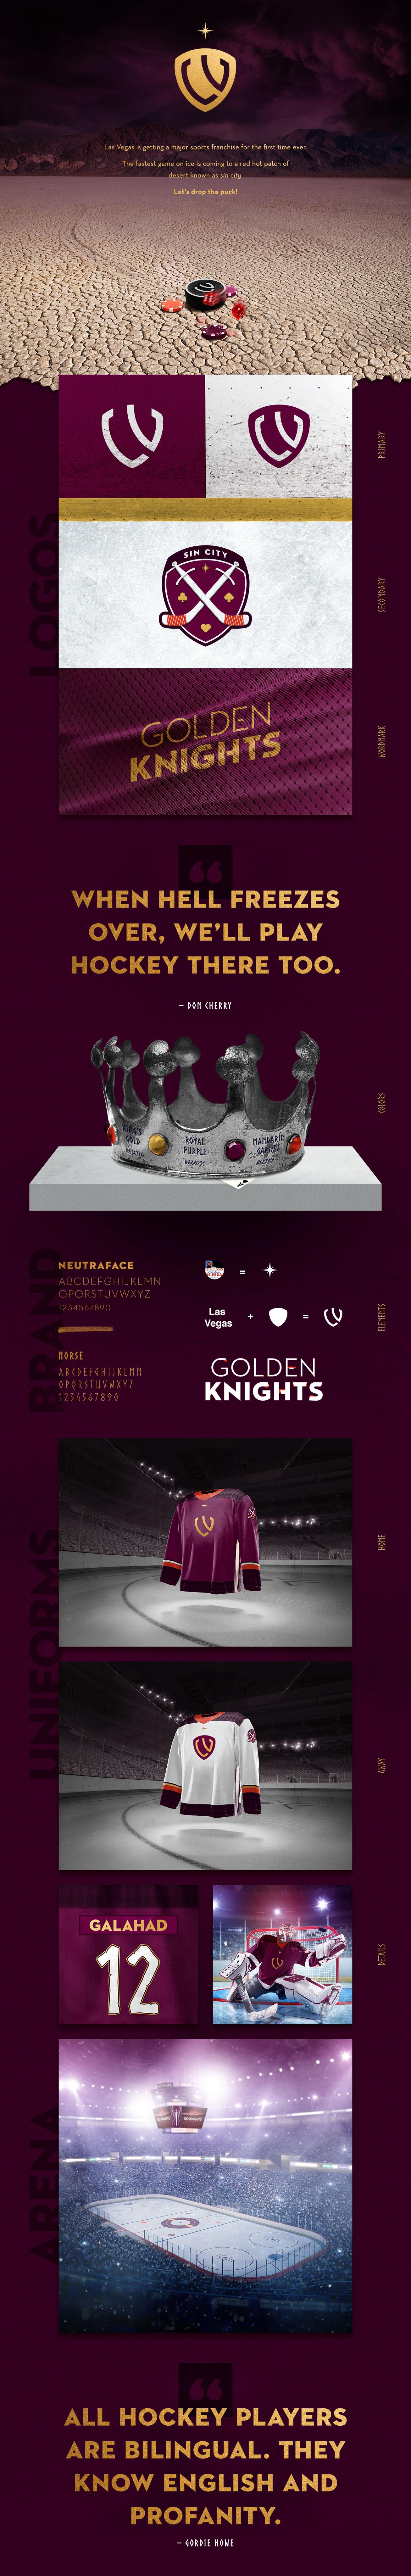 Brett_Ruiz_Las_Vegas_Golden_Knights.jpg